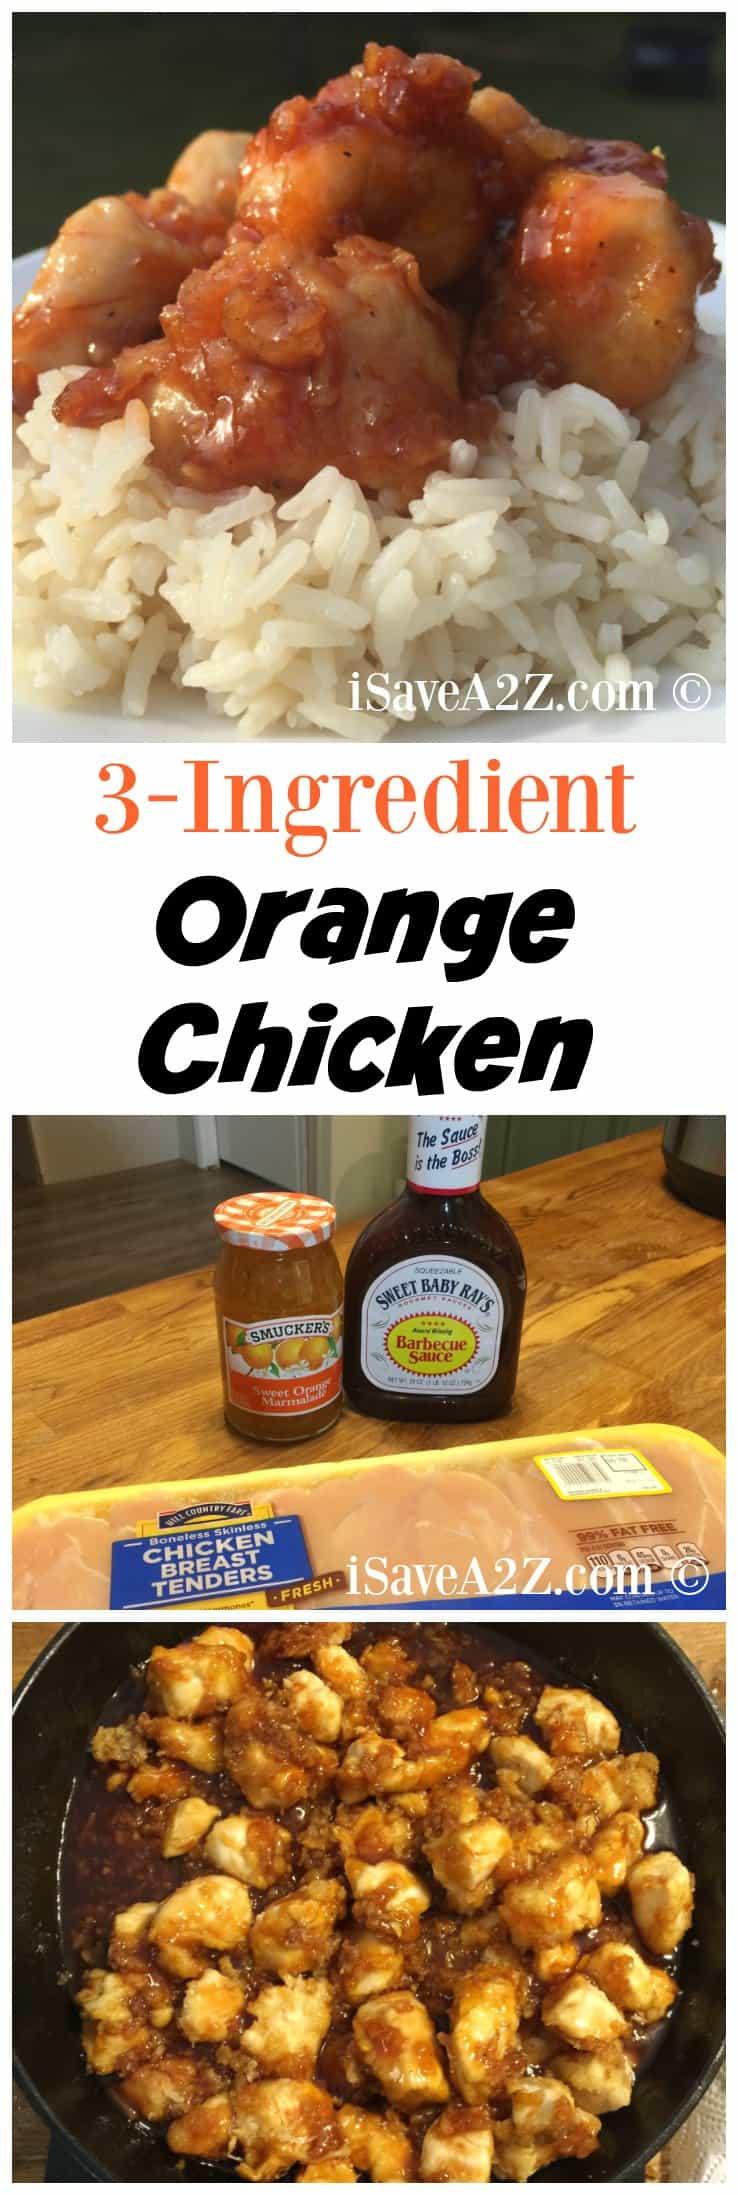 how to make orange chicken with orange sauce